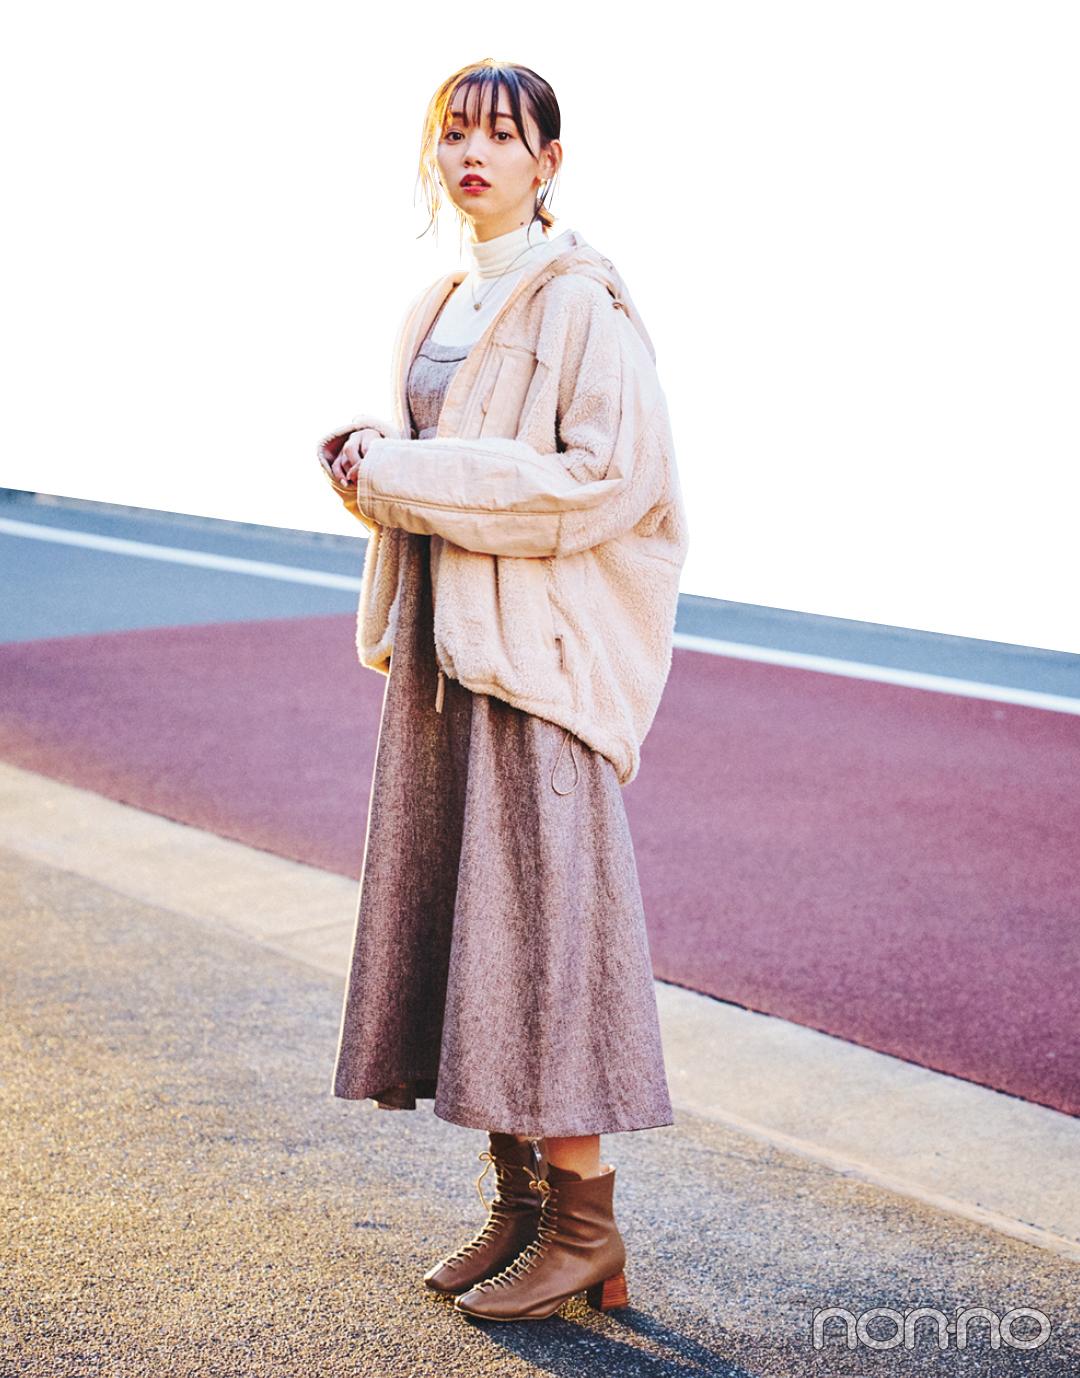 Photo Gallery 着こなしの参考に♡ ノンノモデルのリアル私服を公開!_1_17